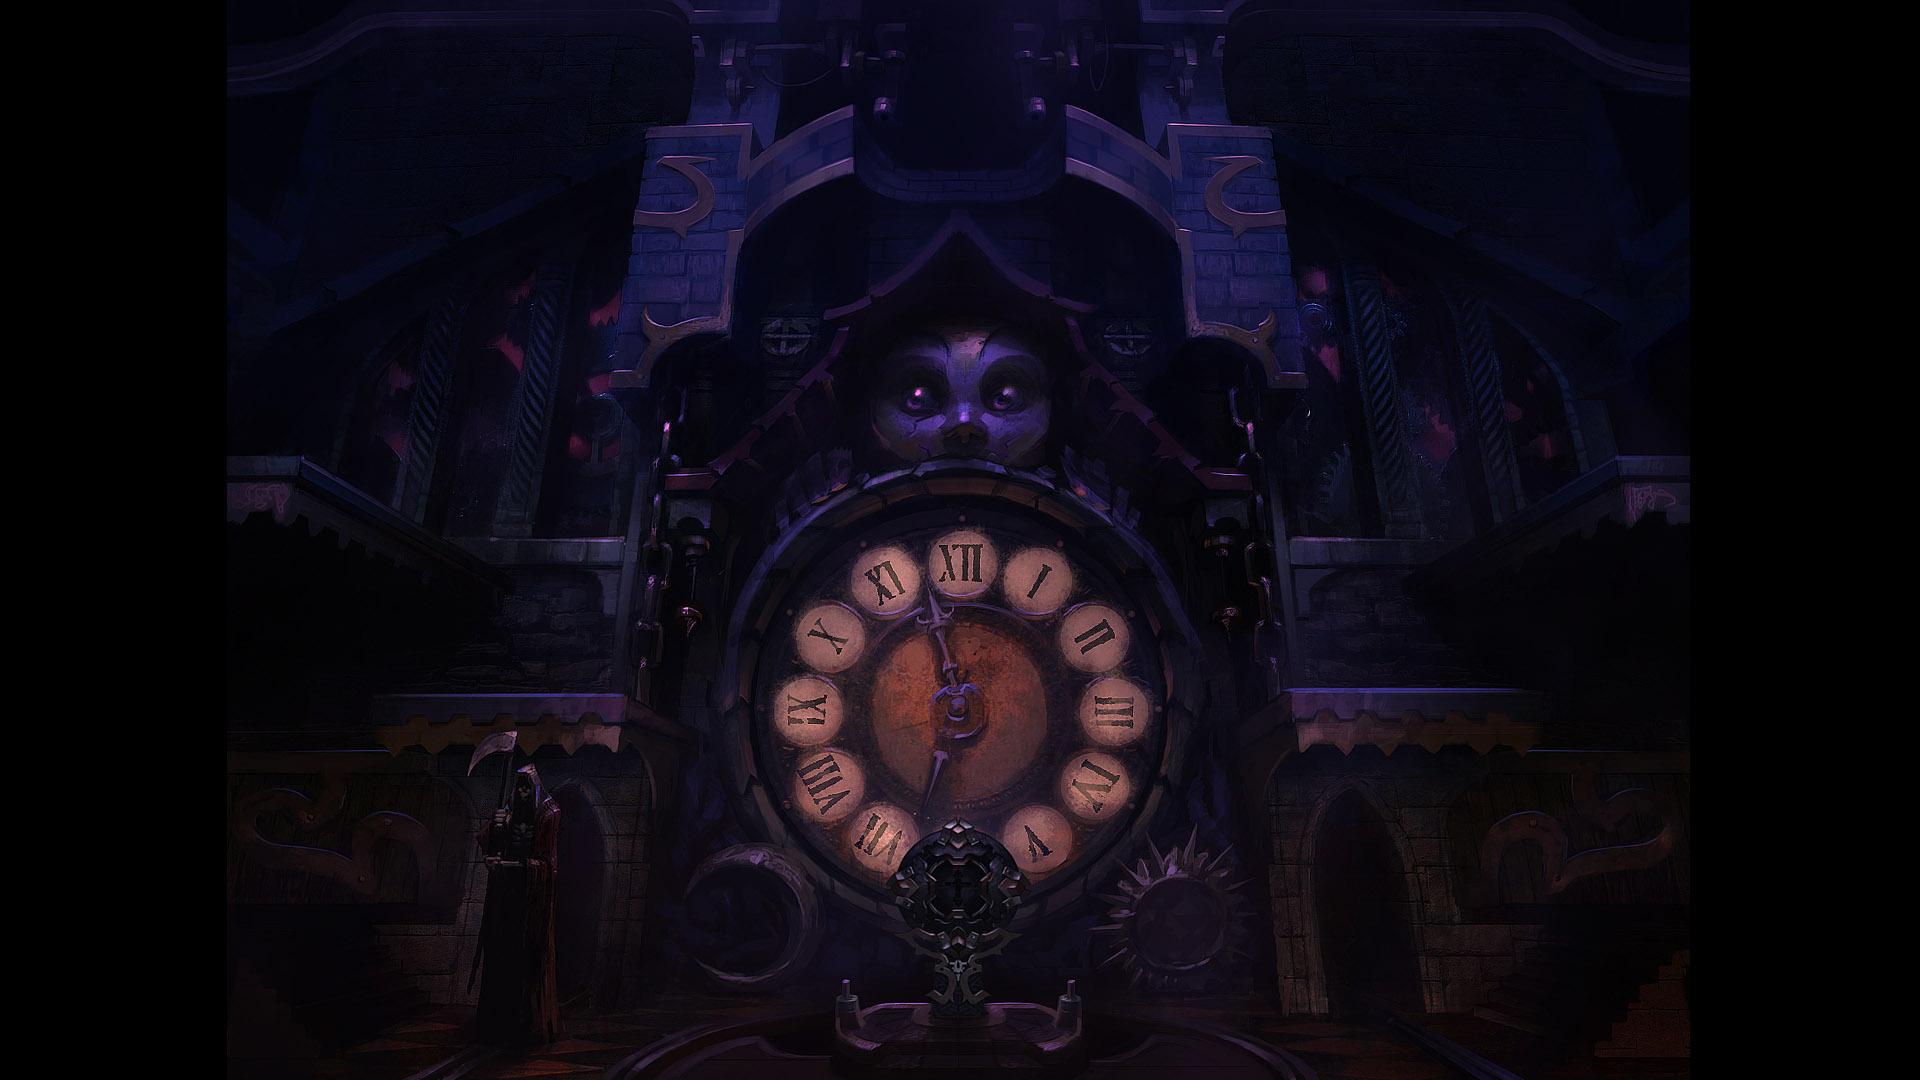 Castlevania-LordsofShadow-MirrorofFate 3DS Visuel 003